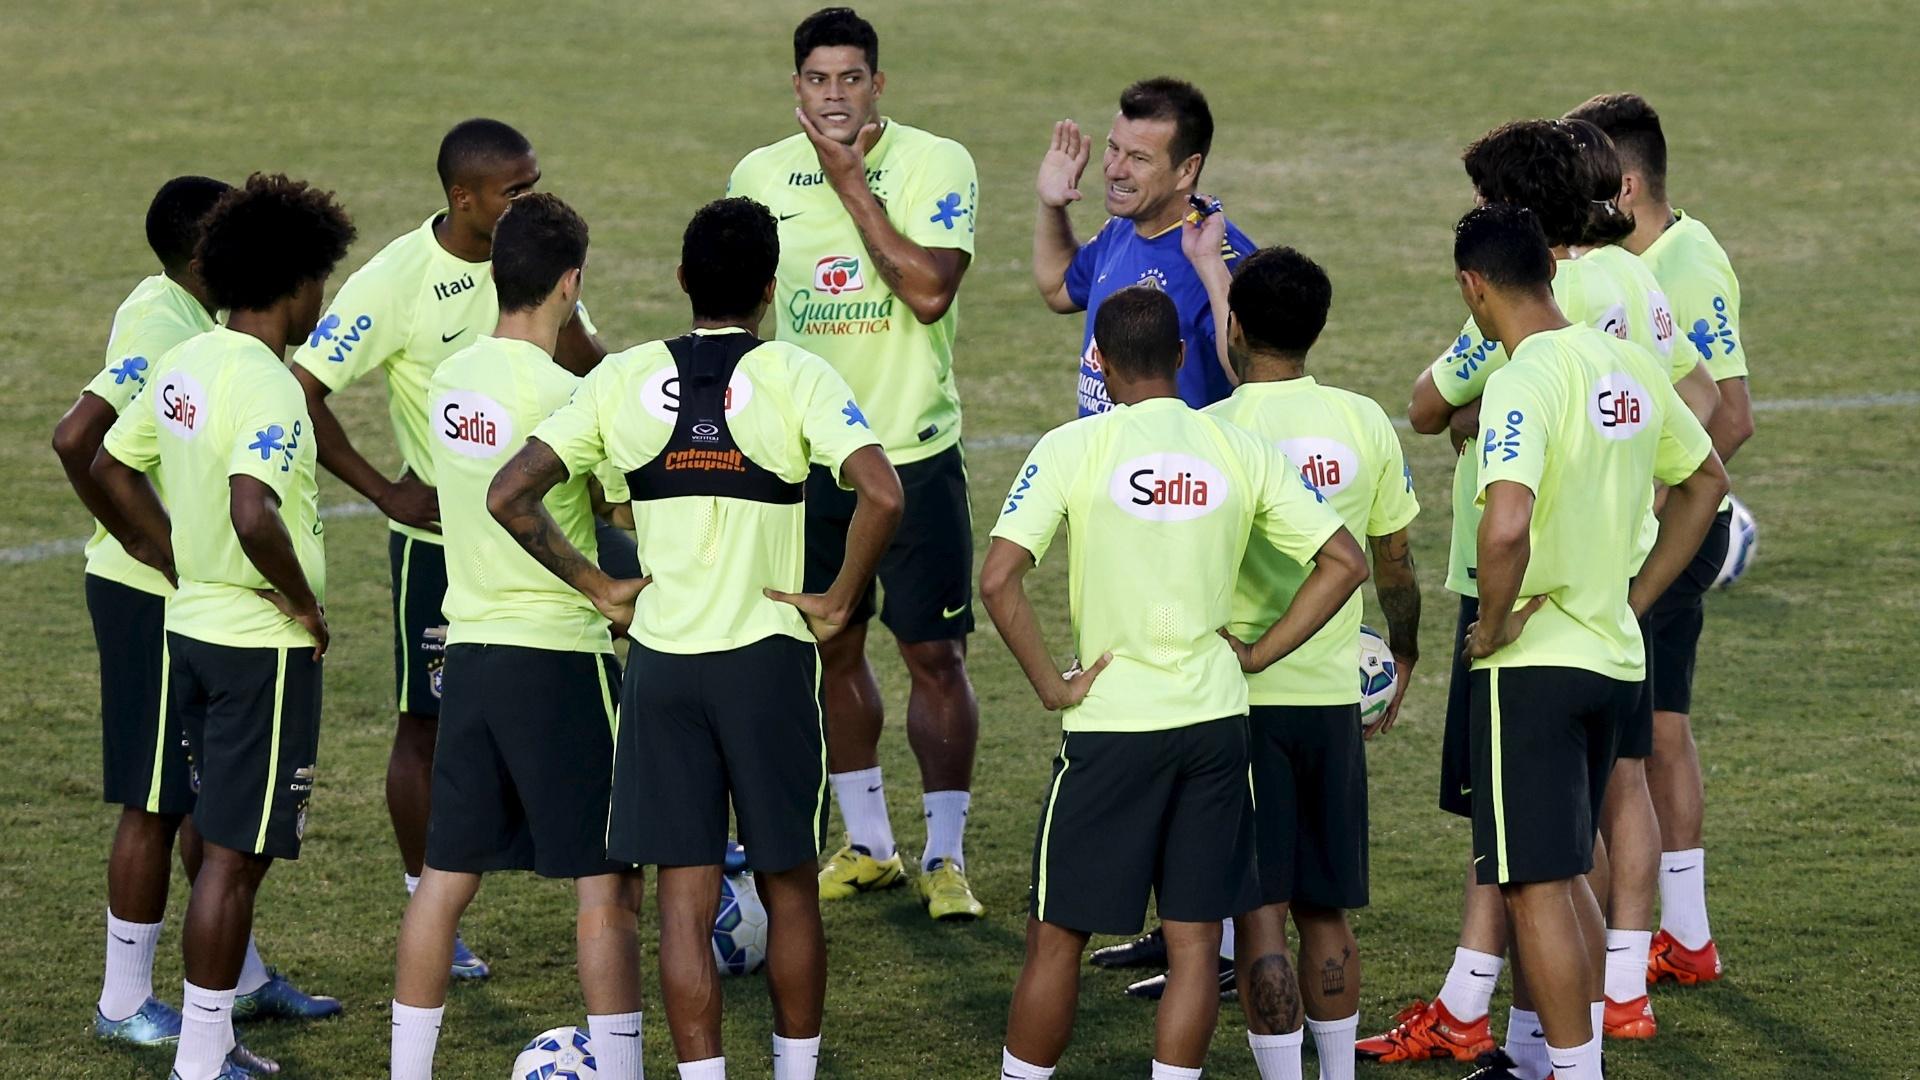 Jogadores da seleção brasileira se reúnem com o técnico Dunga durante treino em Fortaleza para as Eliminatórias Sul-americanas